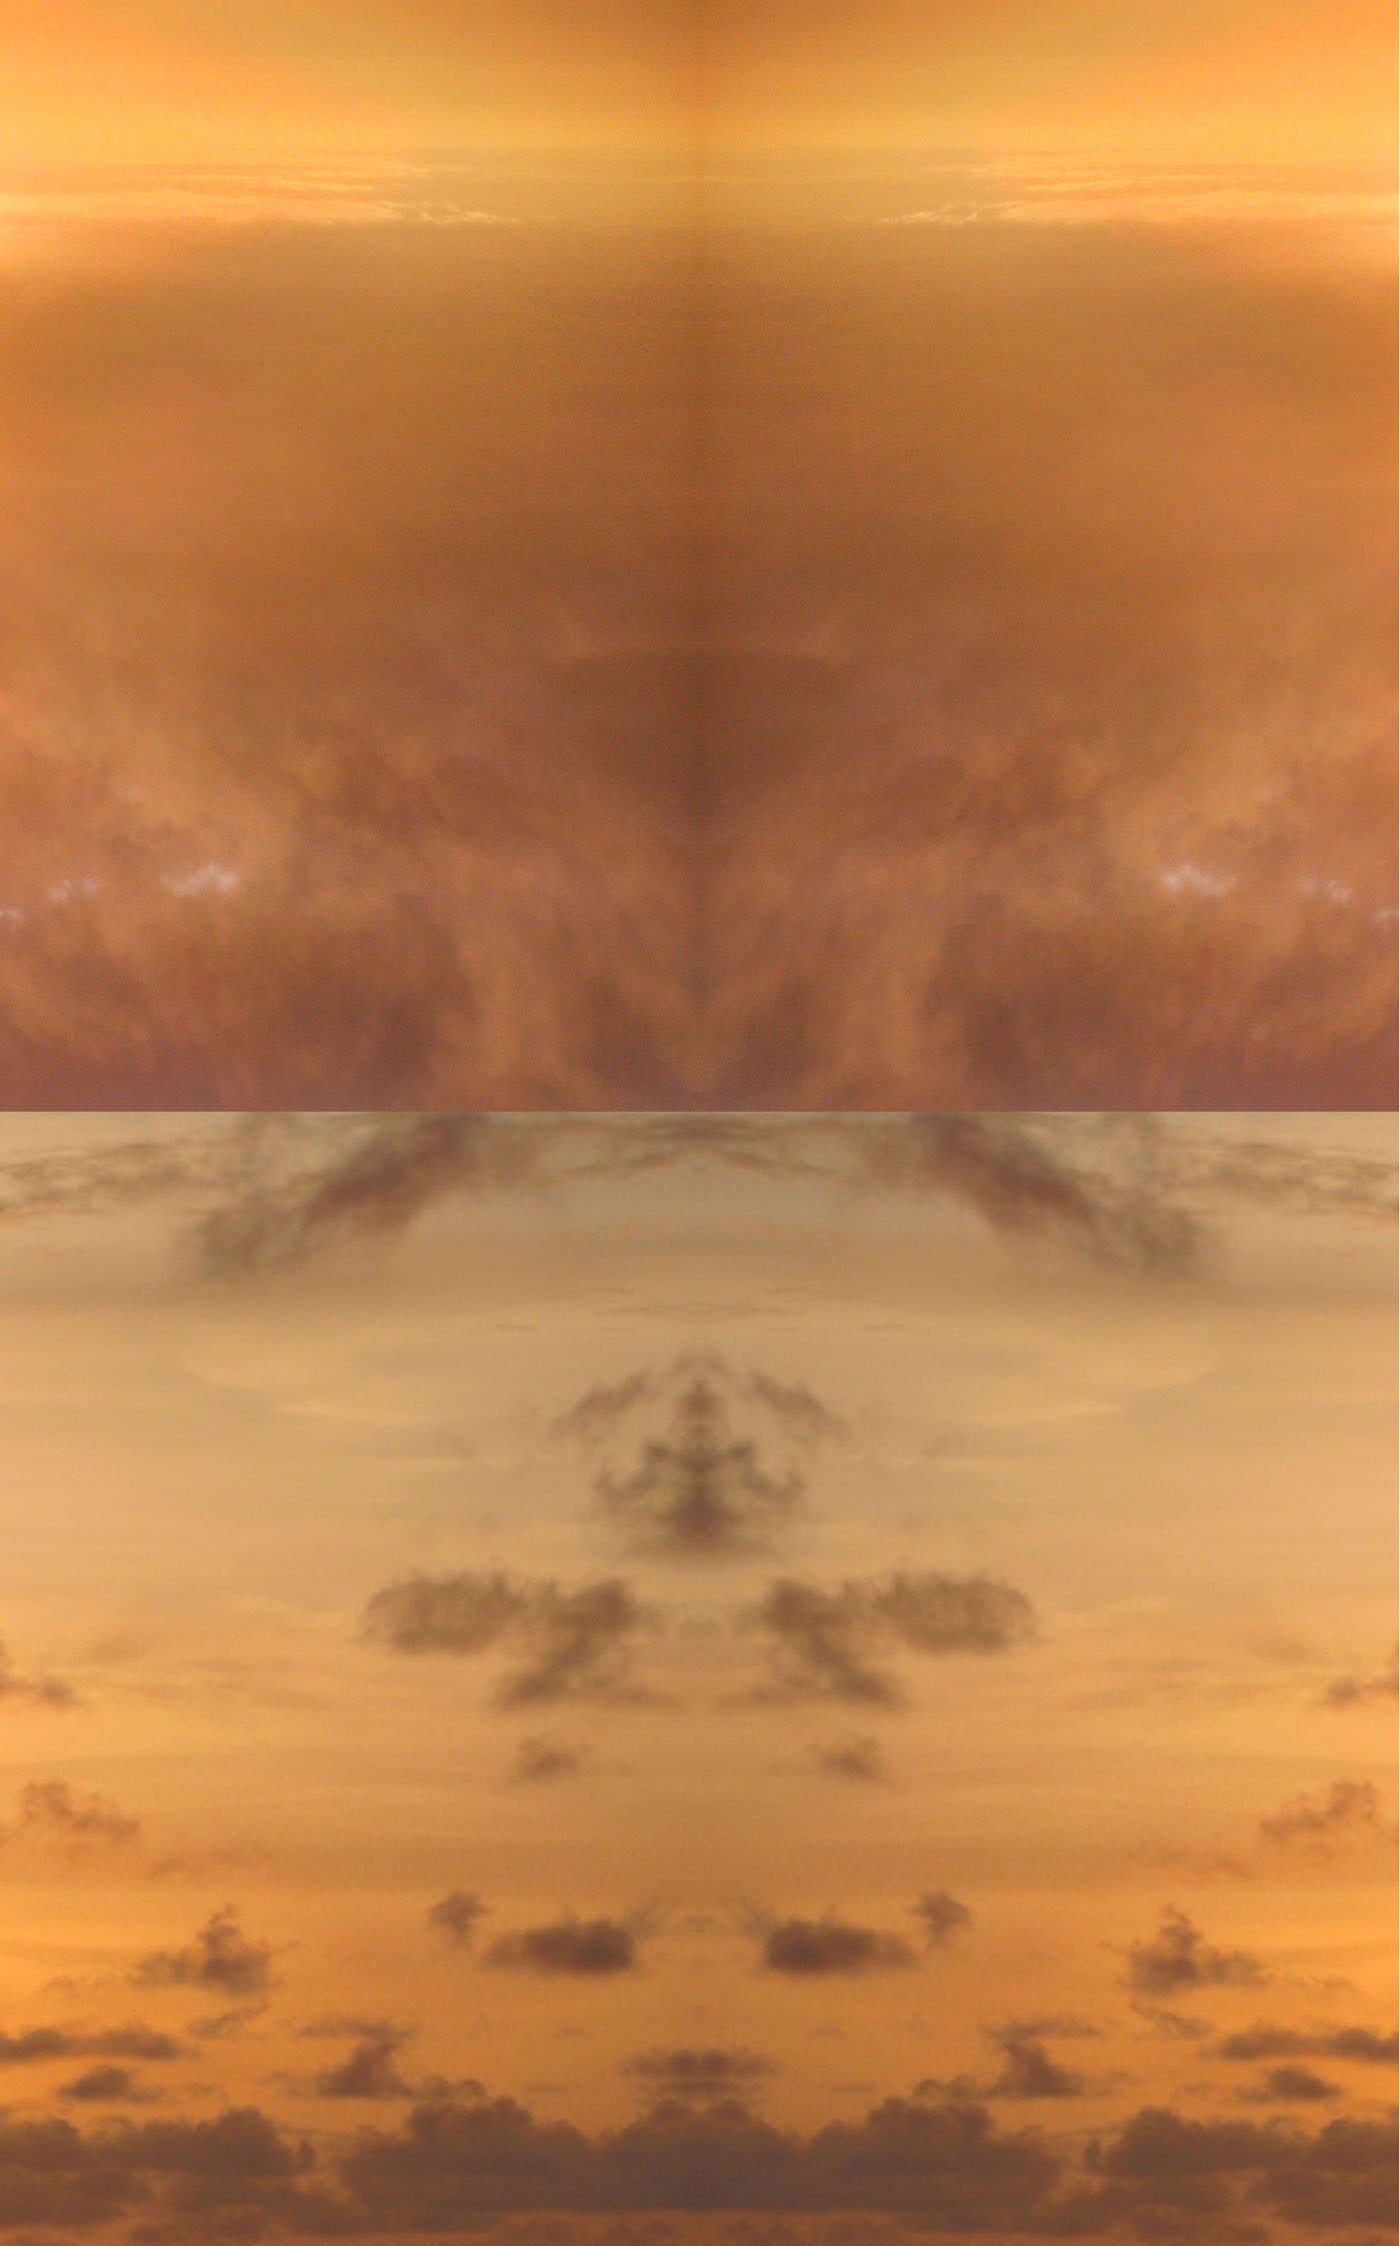 C golden hour collage mirrored web.jpg